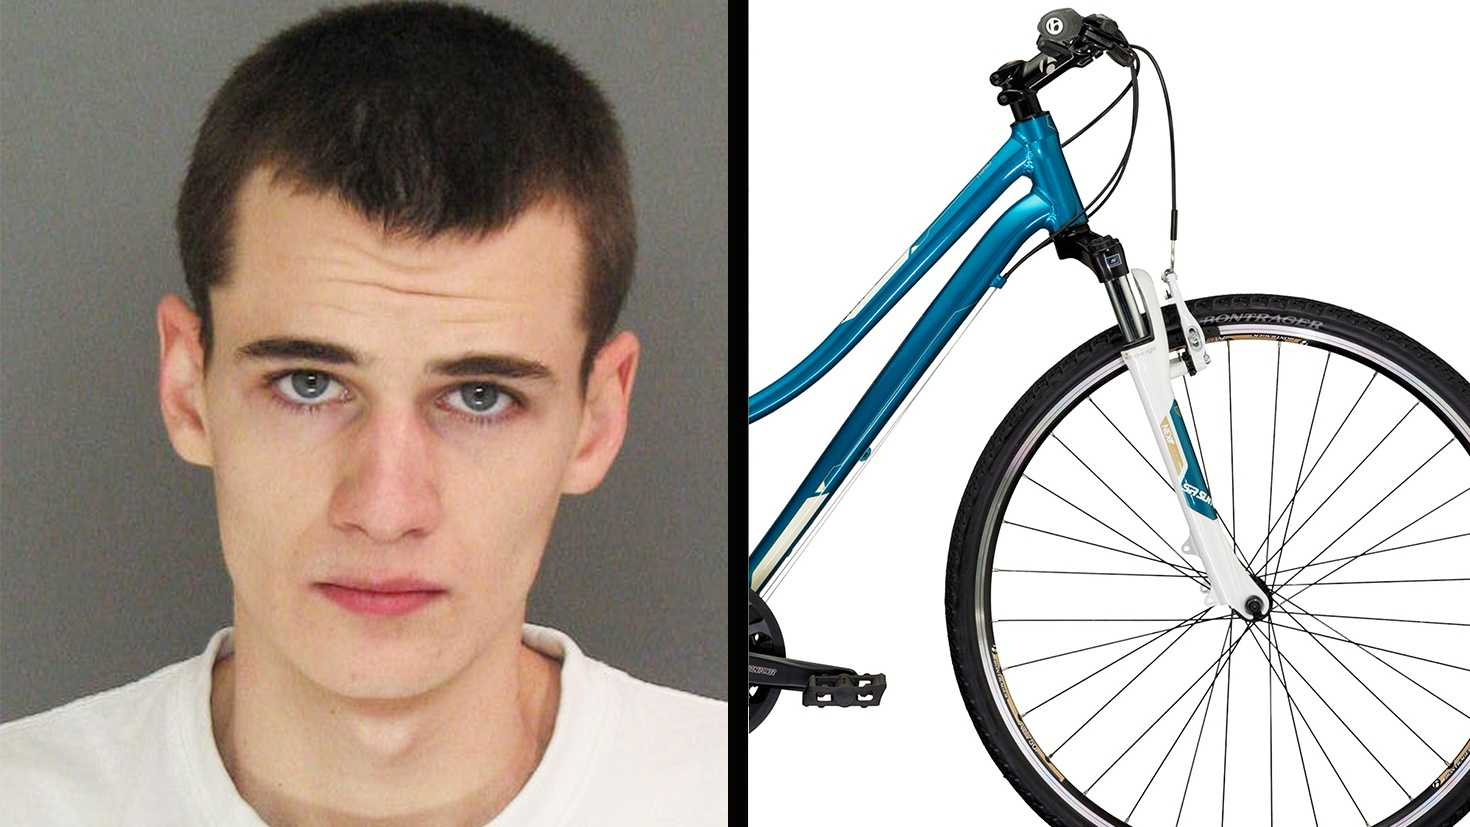 Zachary Bernal, 19, of Santa Cruz